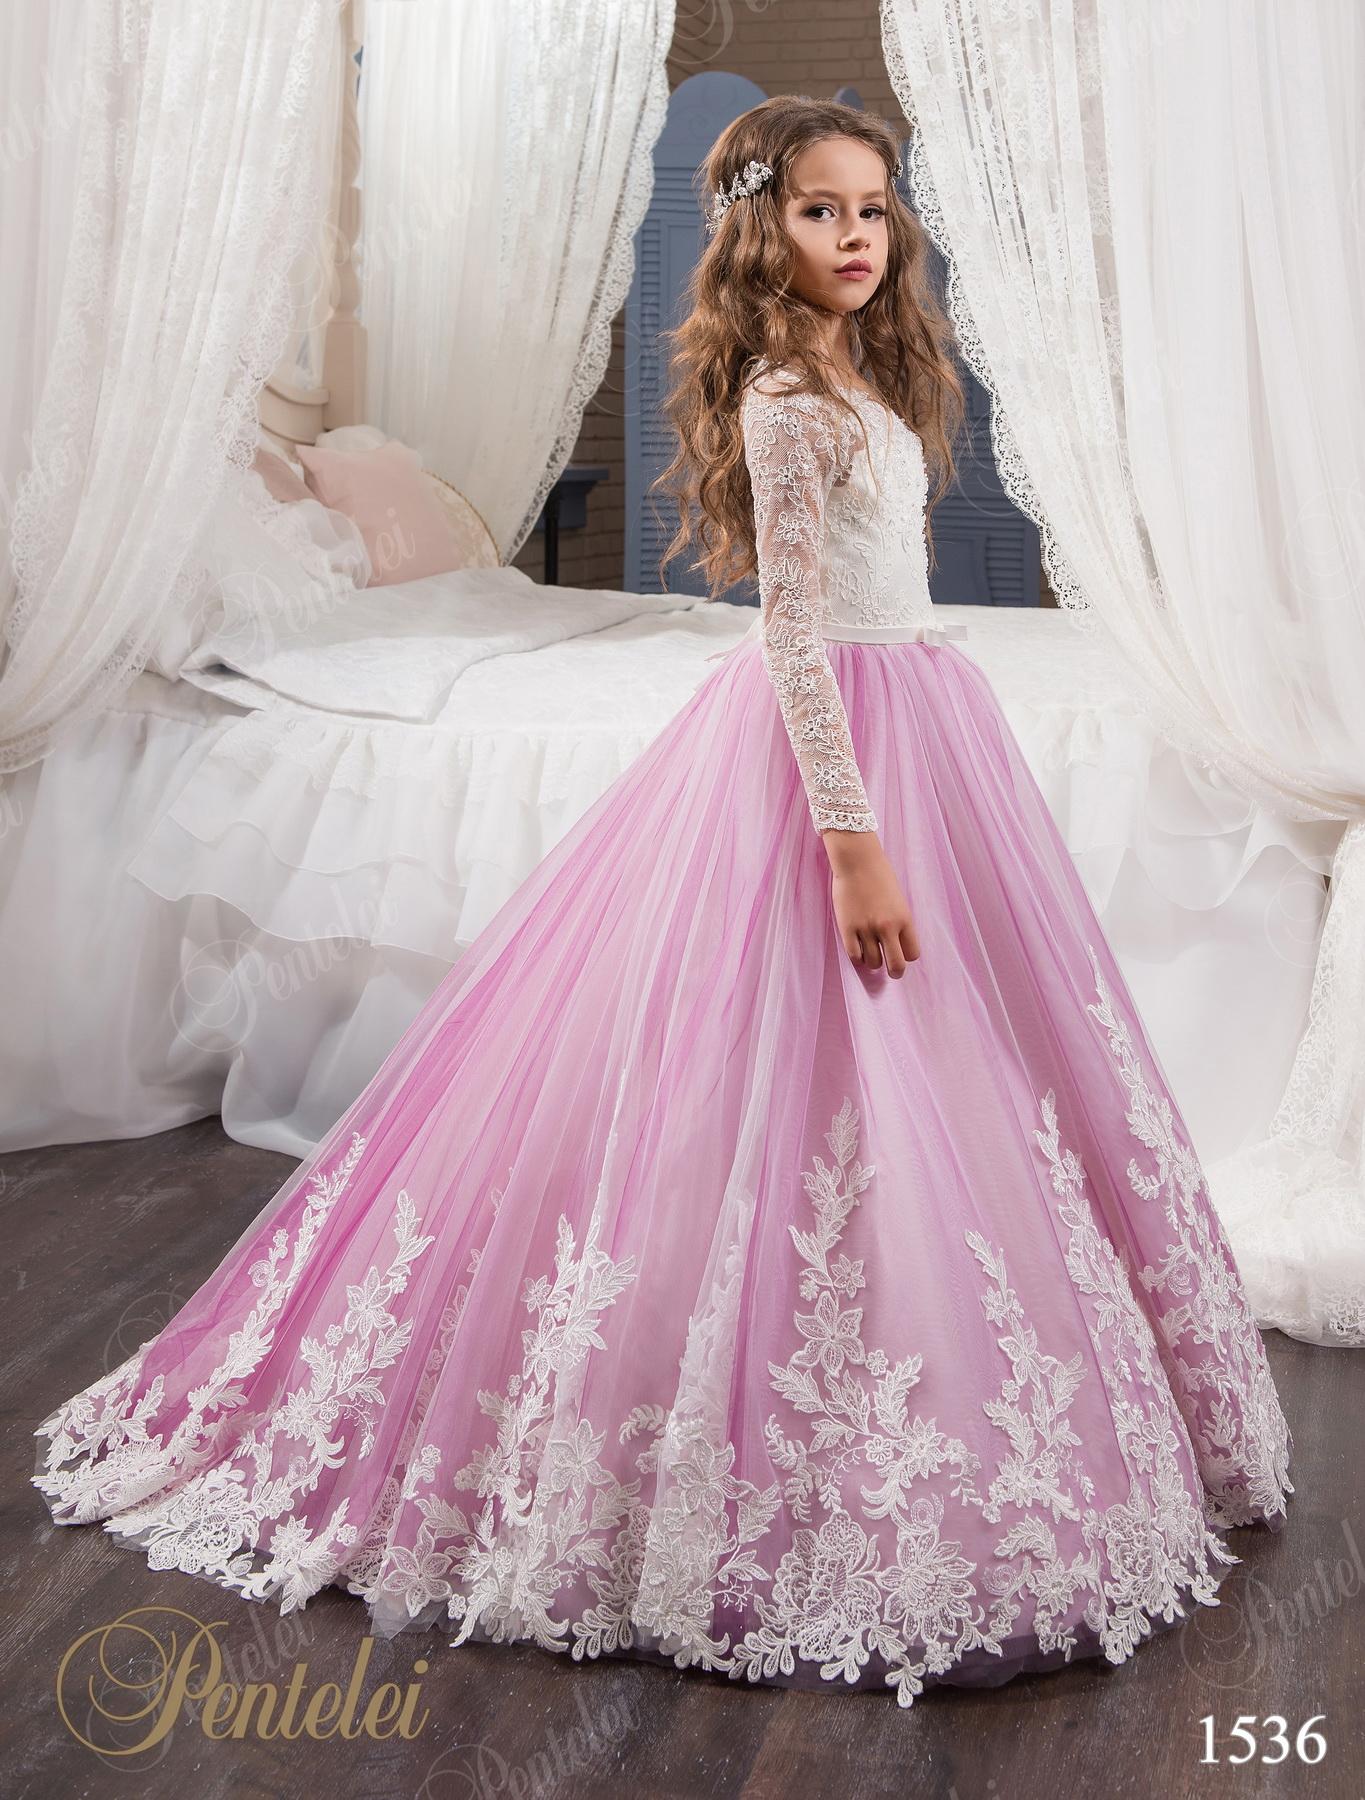 Дитяча сукня з гіпюру і фатину 02217c26ae7a2